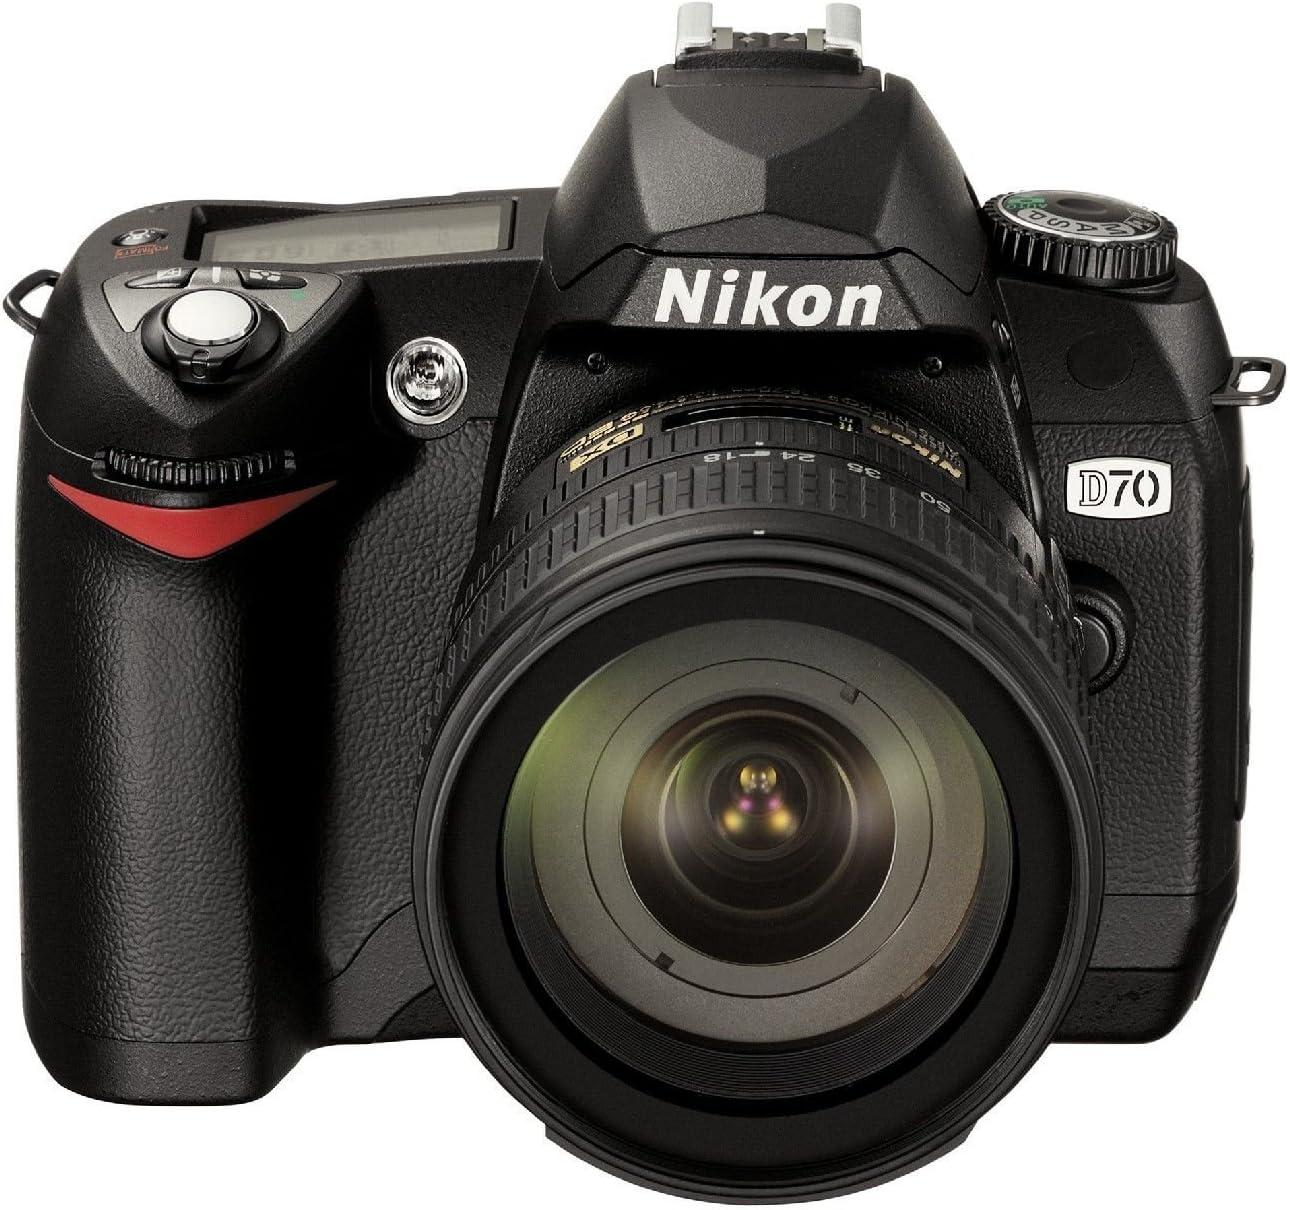 Nikon D 70 Kit Digitale Spiegelreflexkamera Inkl Af Kamera